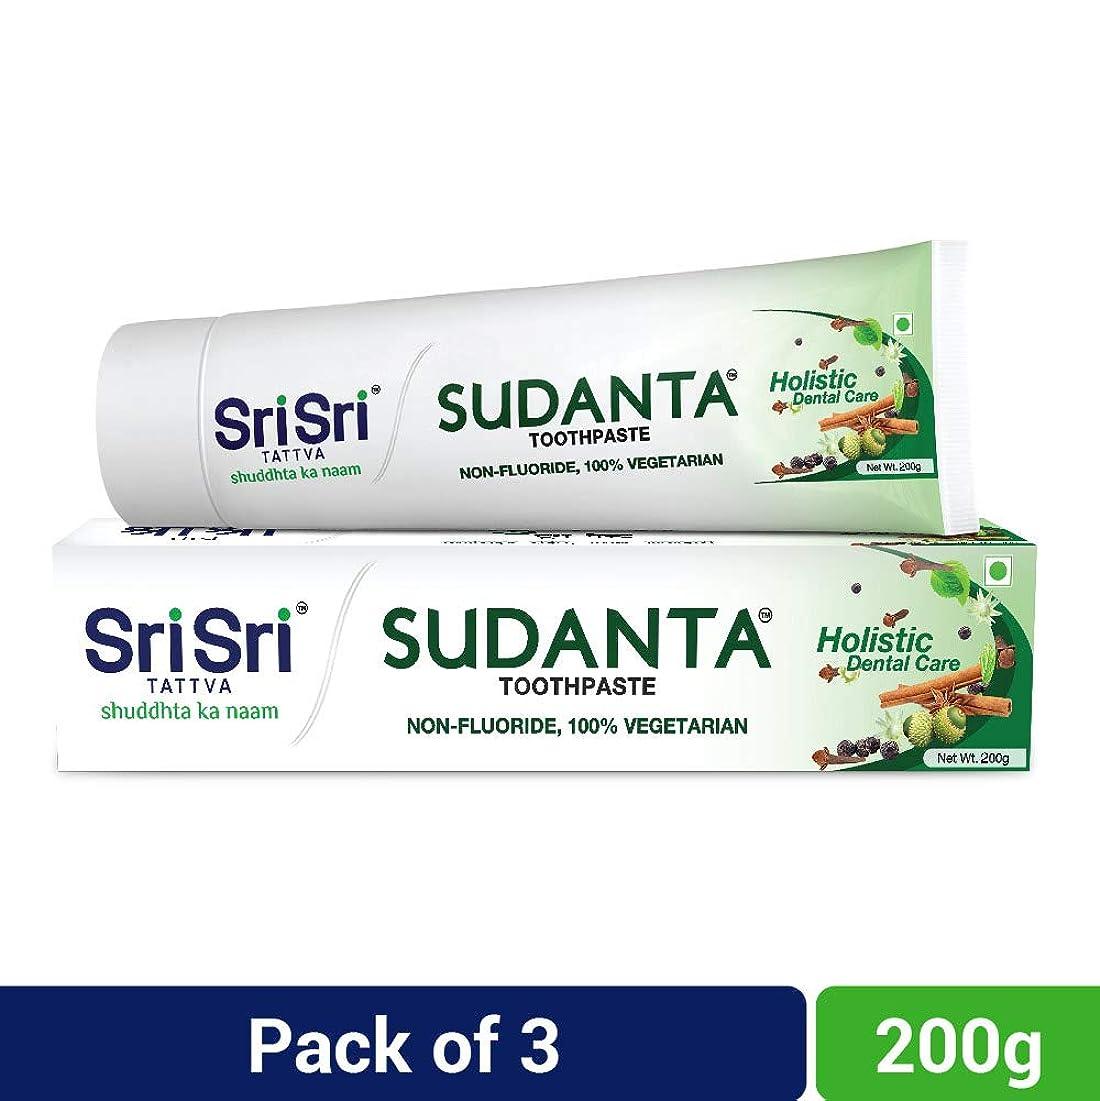 異常な正統派時代Sri Sri Tattva Sudanta Toothpaste, 600gm (200gm x Pack of 3)